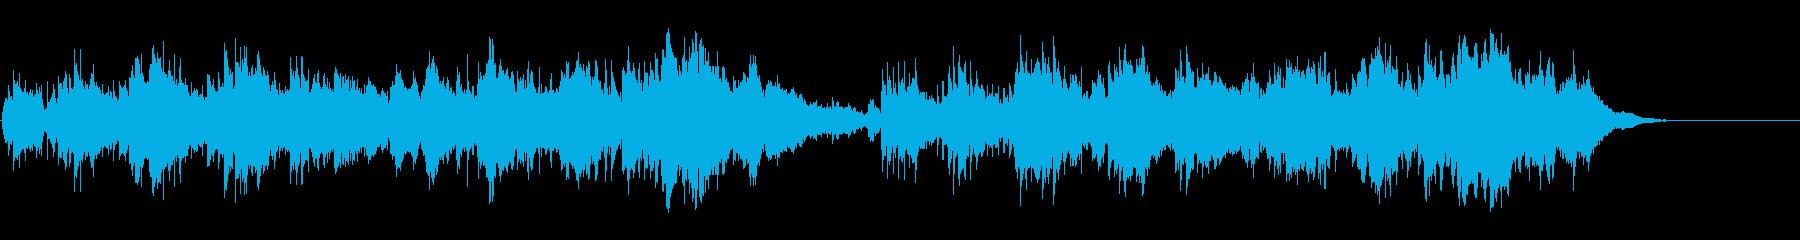 童話の世界が広がる優しいアンビ風サウンドの再生済みの波形